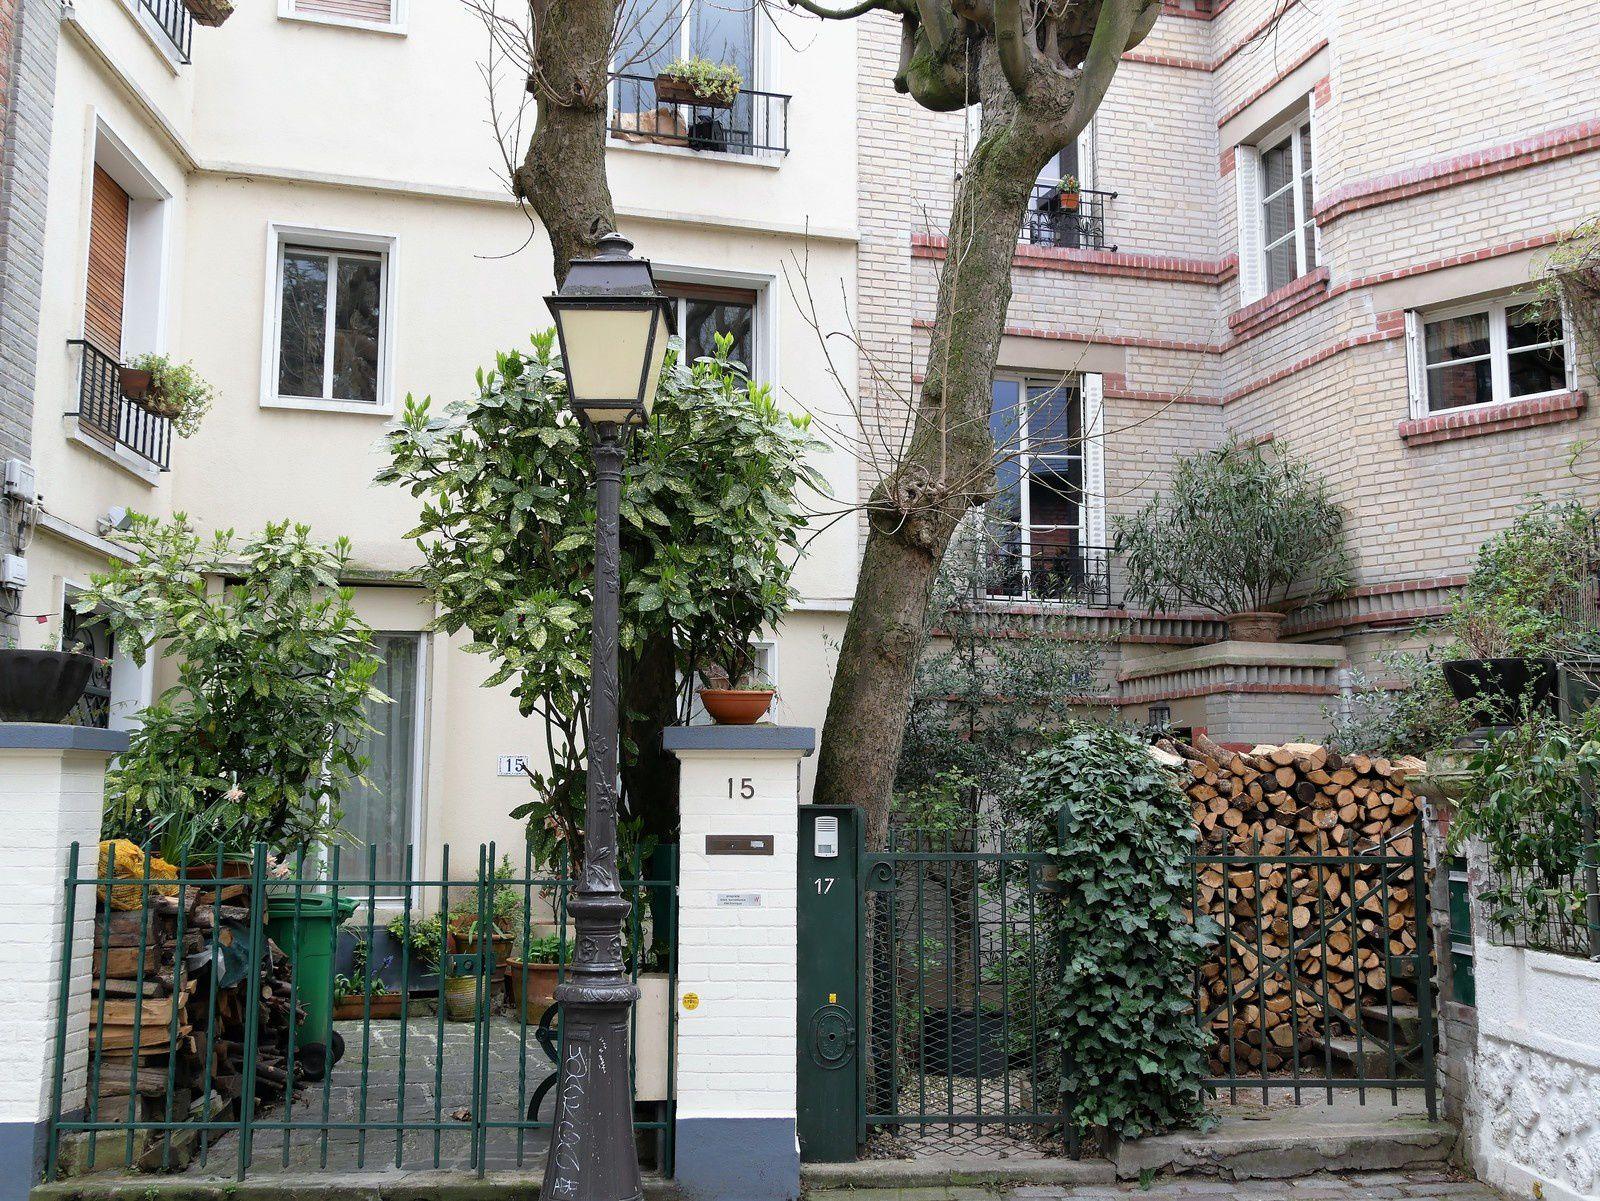 15 et 17 villa Léandre.